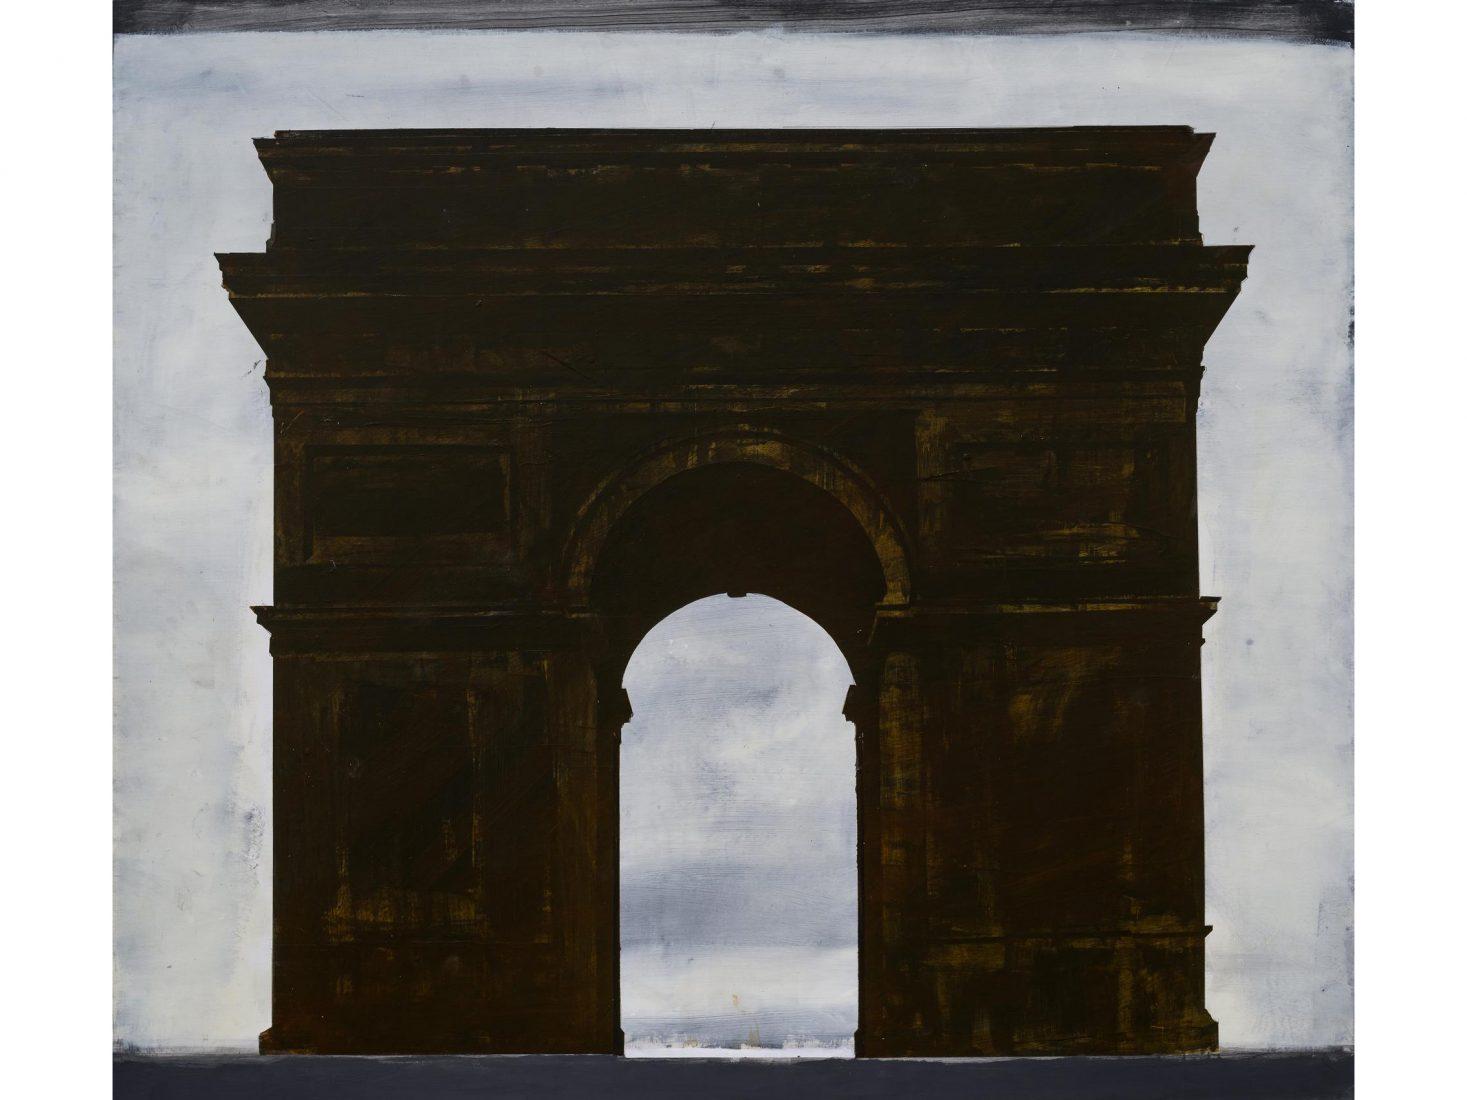 Иво Бистрички. Арка, 2020-21, акрил, платно, 180x180x3 см